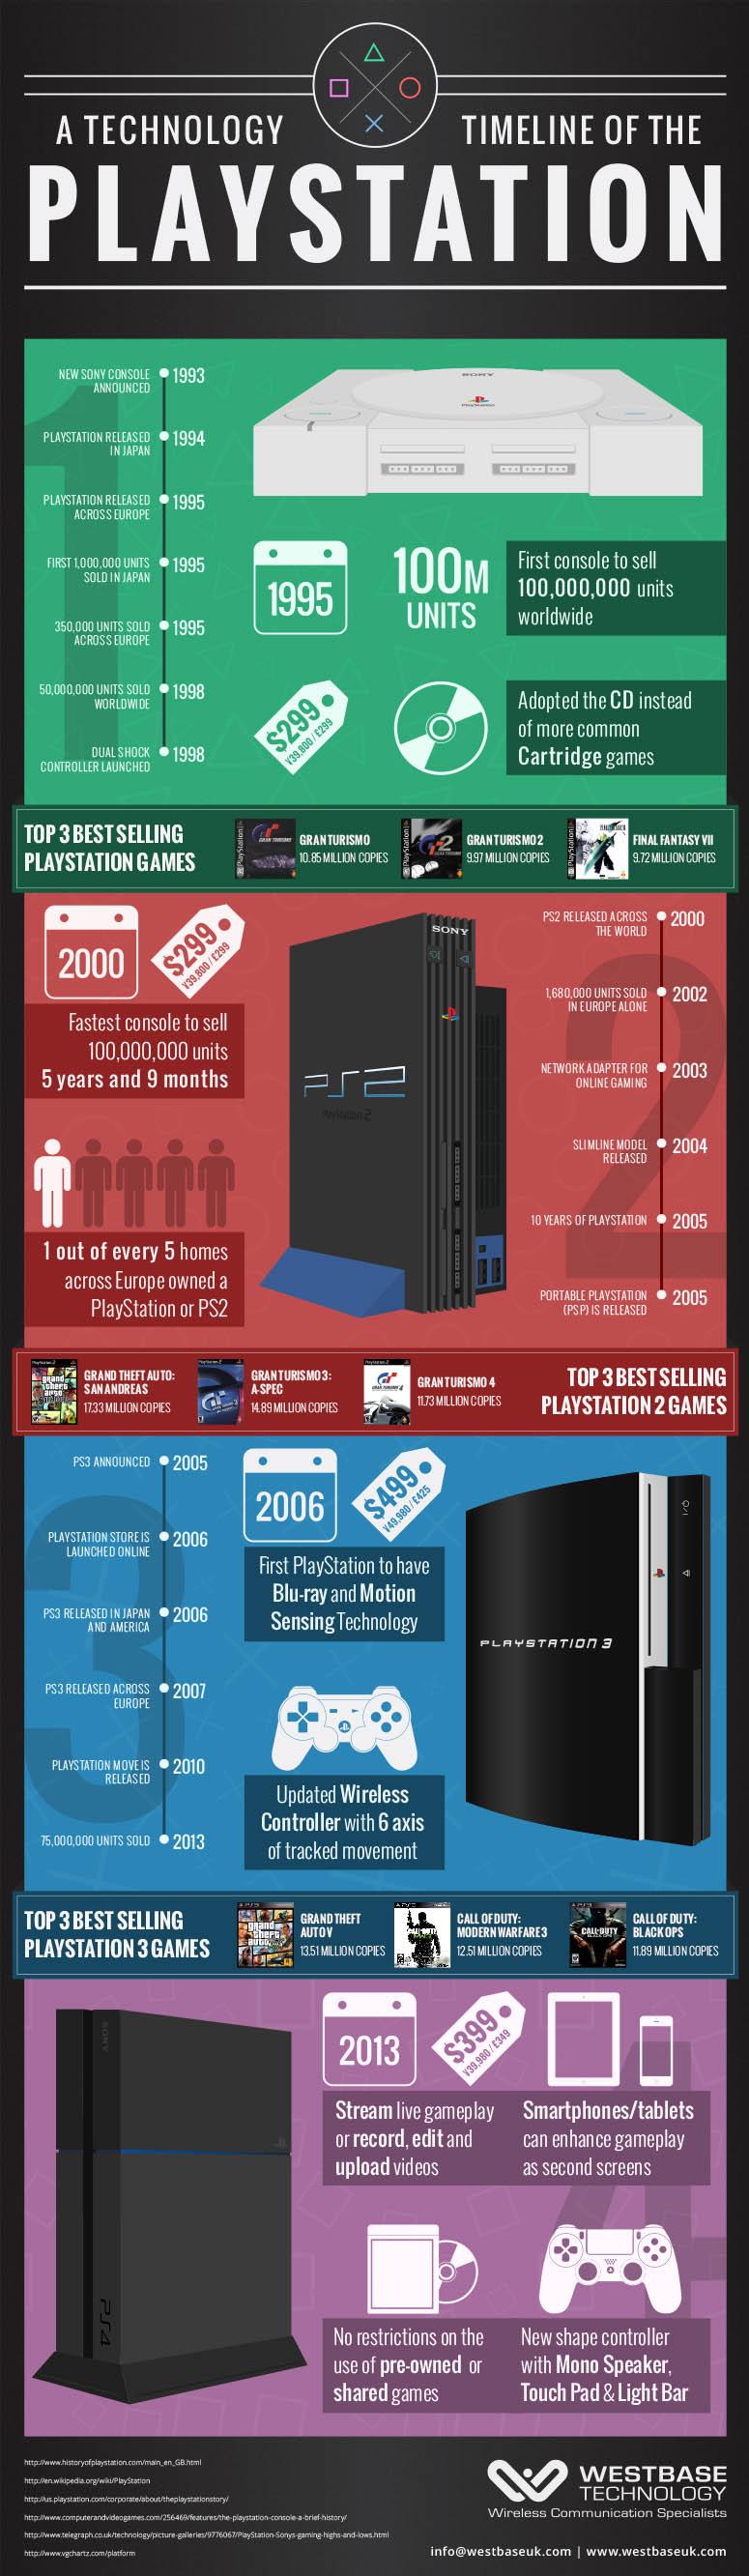 История семейства консолей PlayStation в картинке.<!--more--/> Поздравления от Sony компании Microsoft&#187; title=&#187;История семейства консолей PlayStation в картинке. Поздравления от Sony компании Microsoft&#187;  /> </div> </article> </div> <ins class=